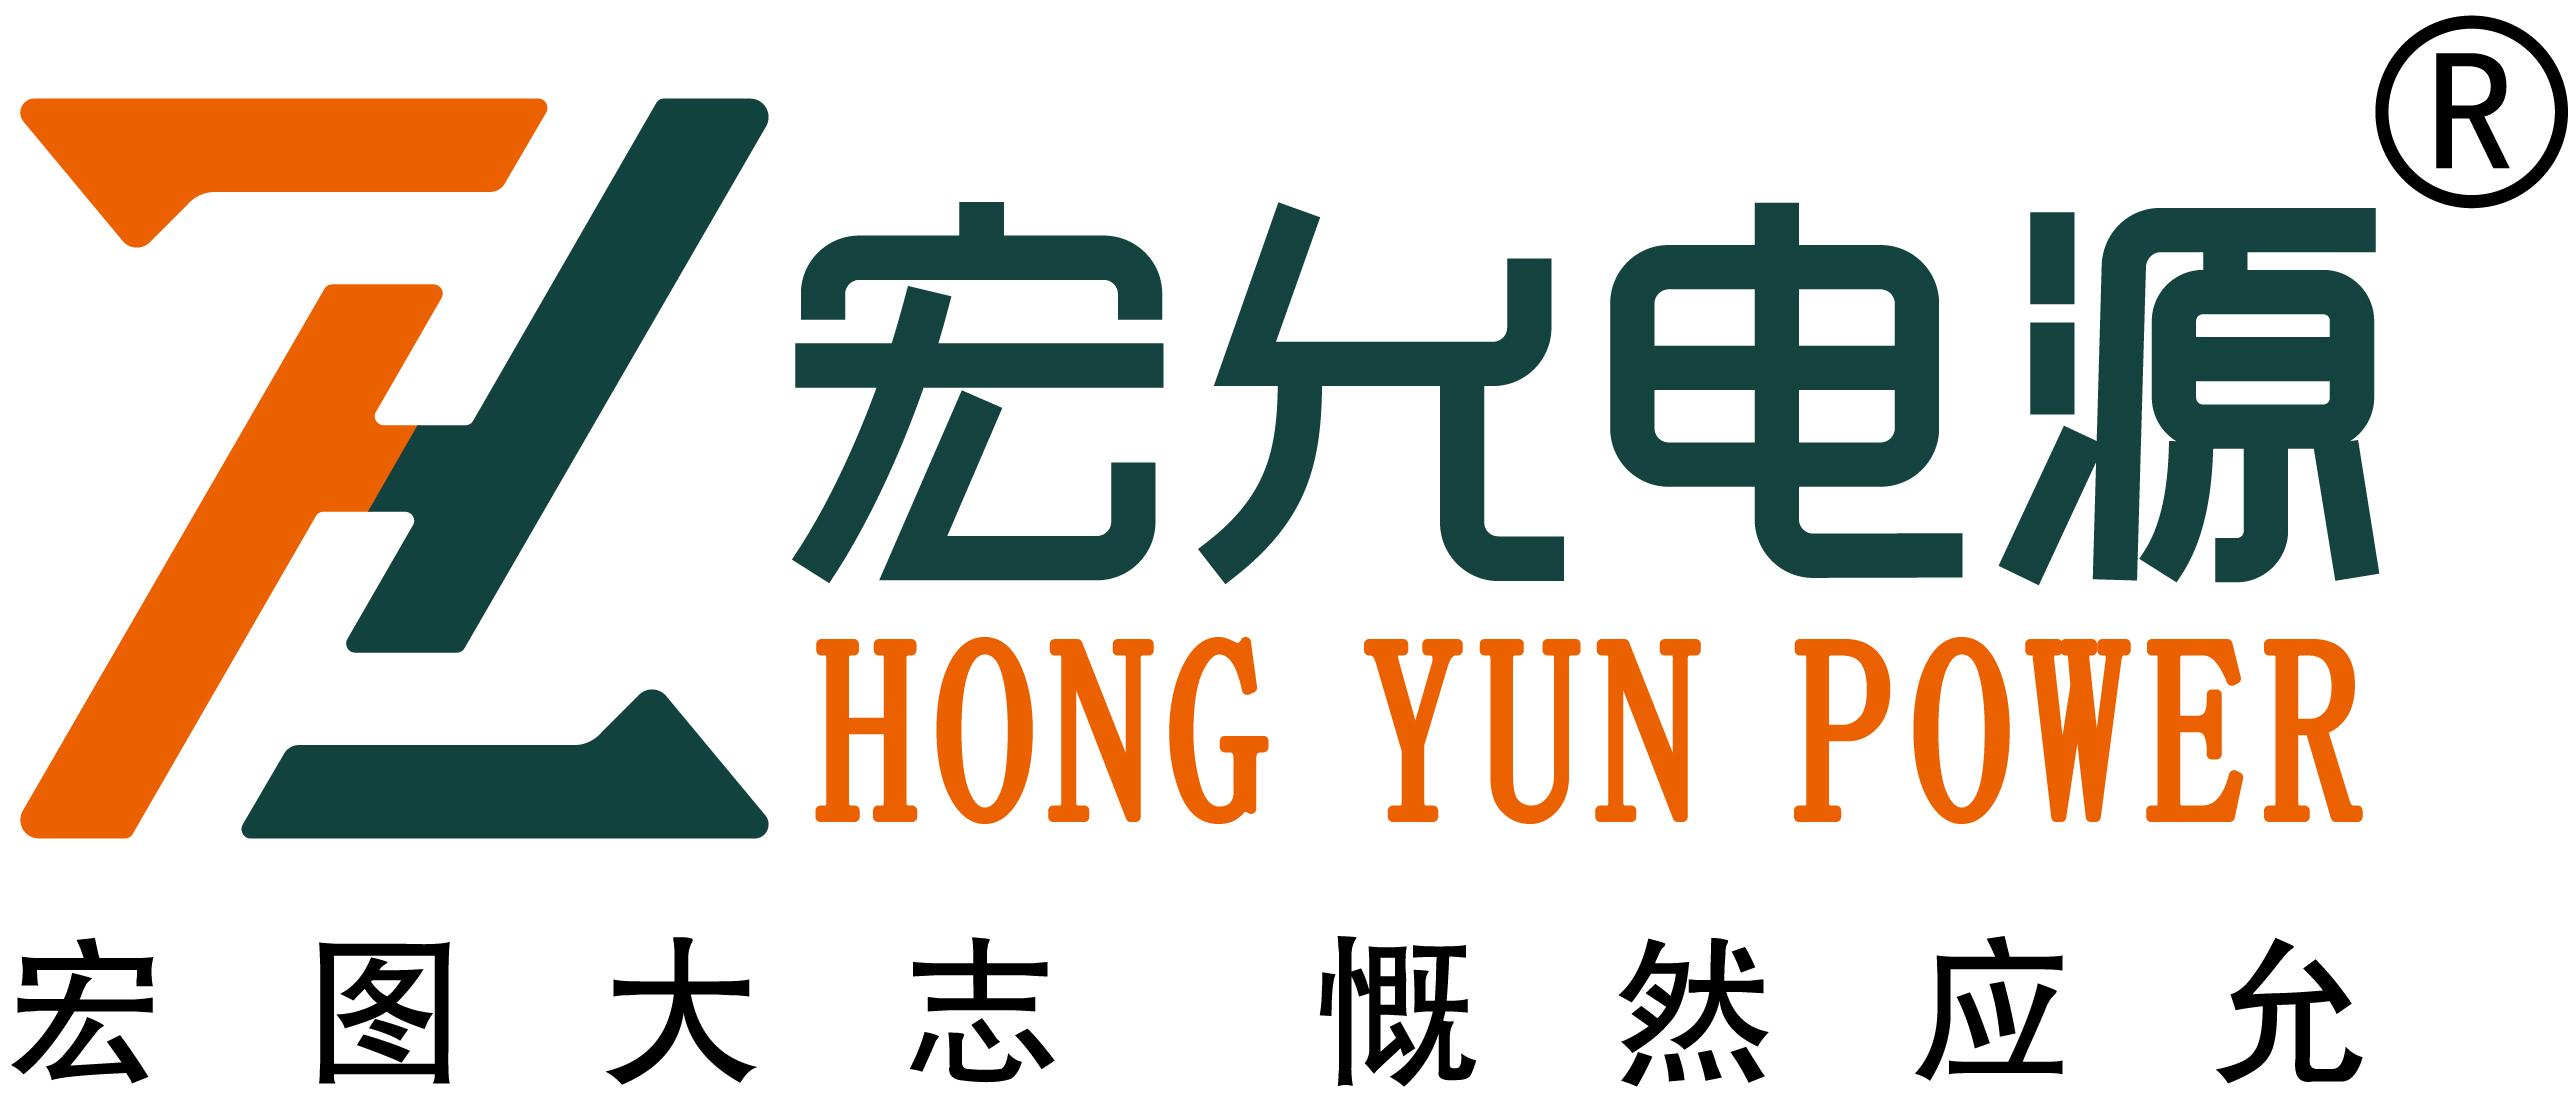 上海宏允电子有限公司